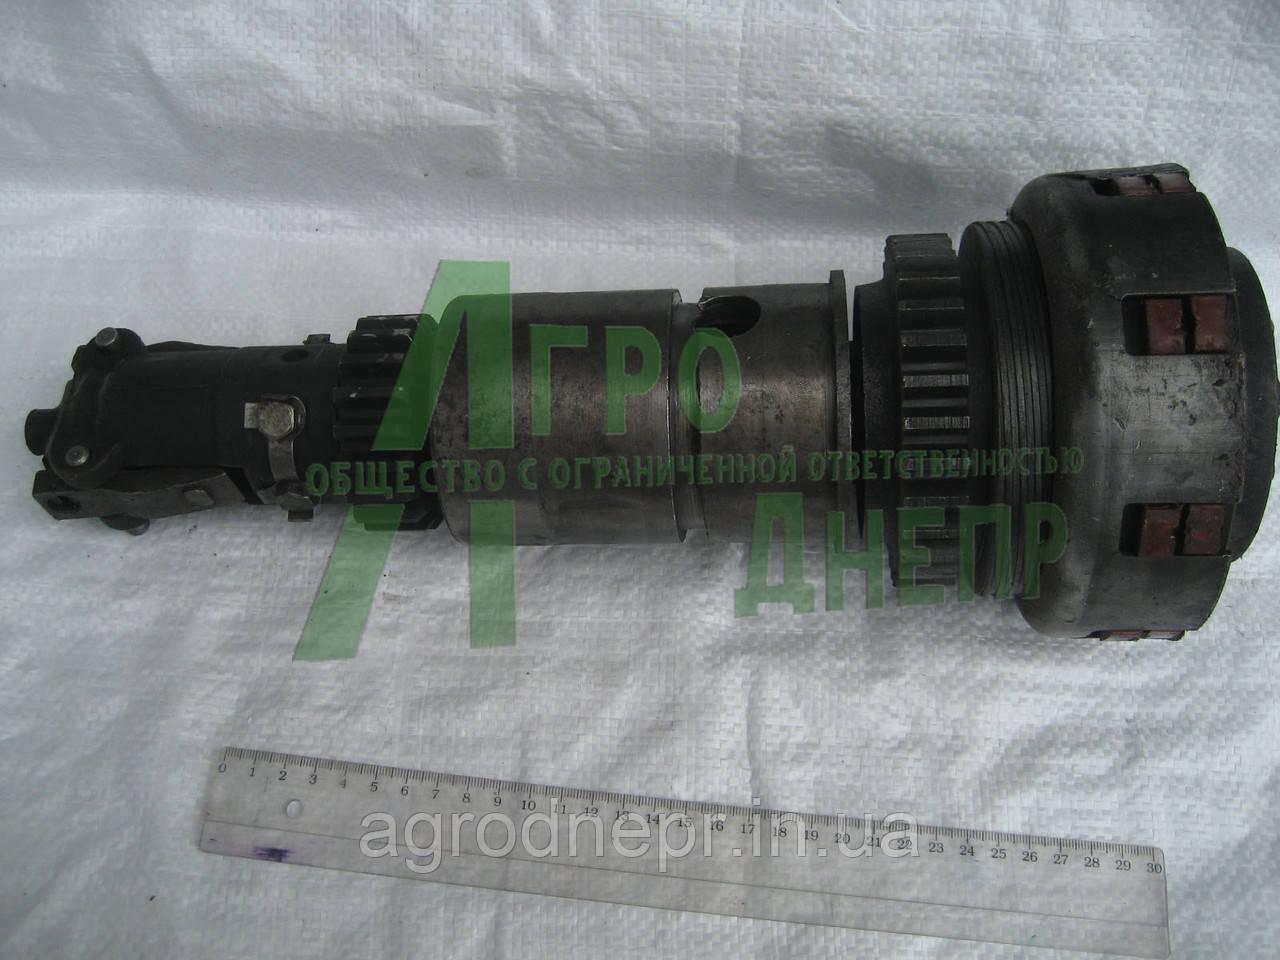 Механизм передачи ПД-10 Д65-1015101 СБ